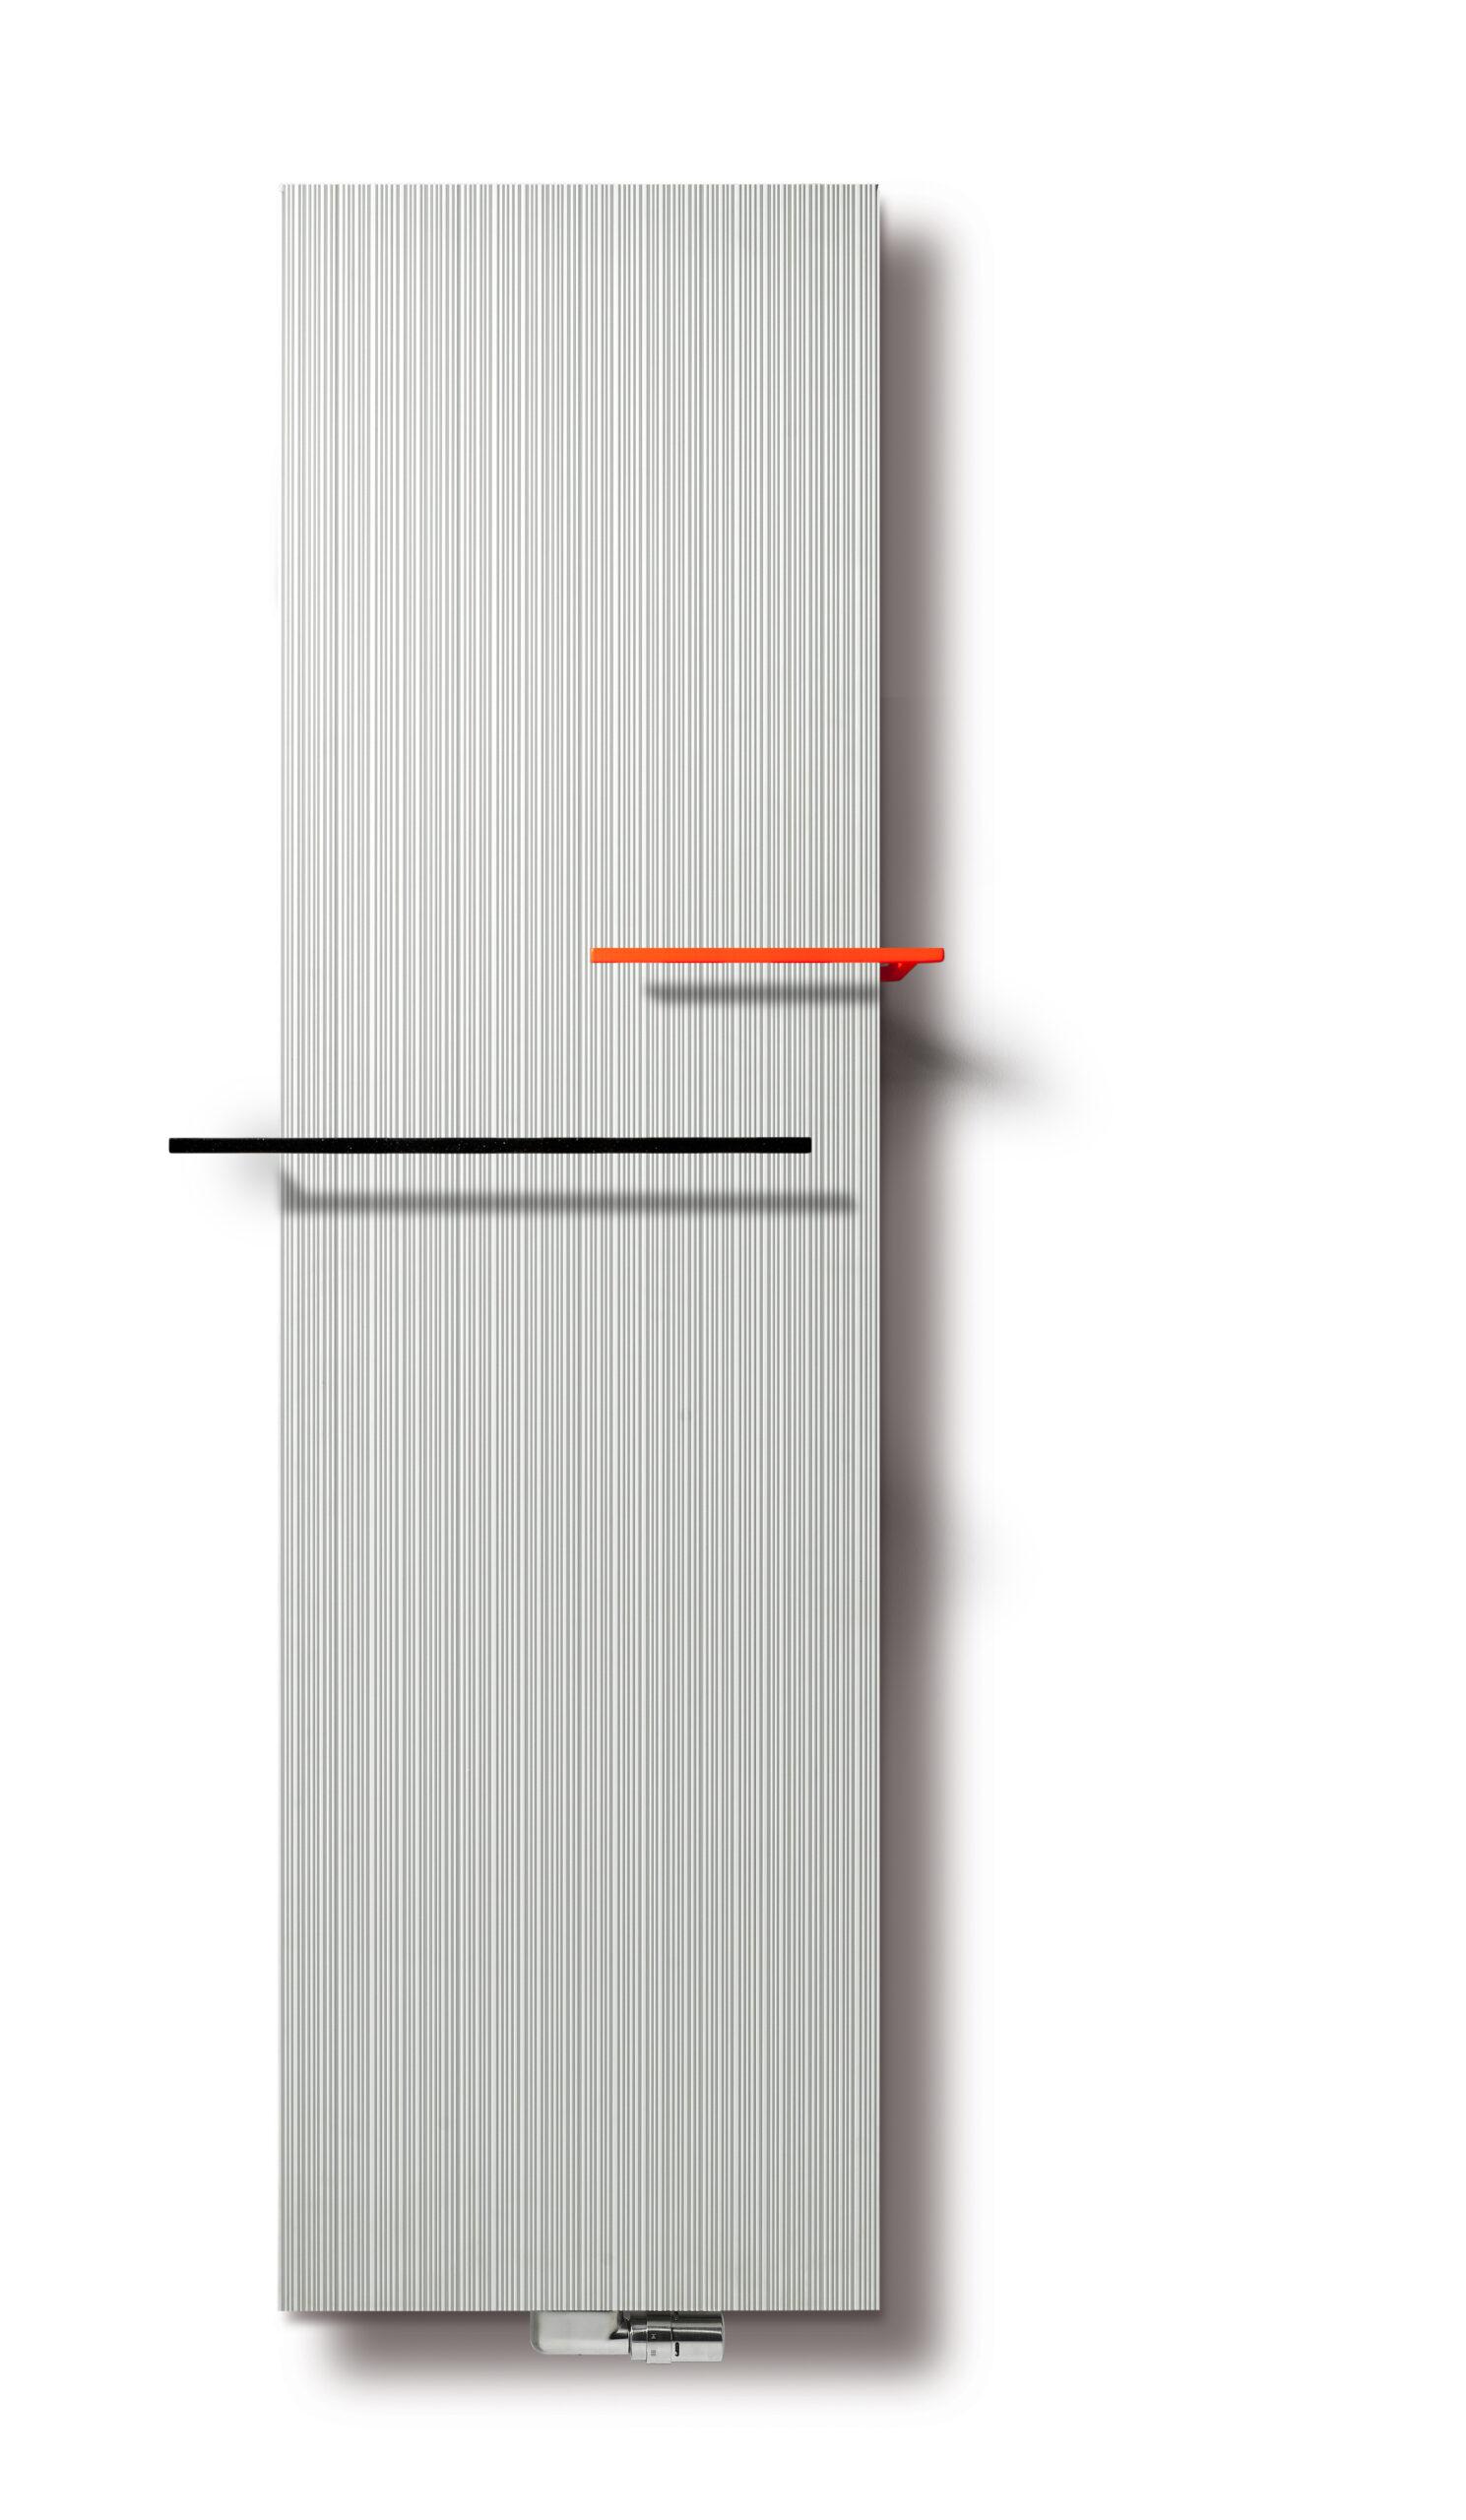 Full Size of Group Heizkörper Bad Für Wohnzimmer Elektroheizkörper Badezimmer Wohnzimmer Vasco Heizkörper